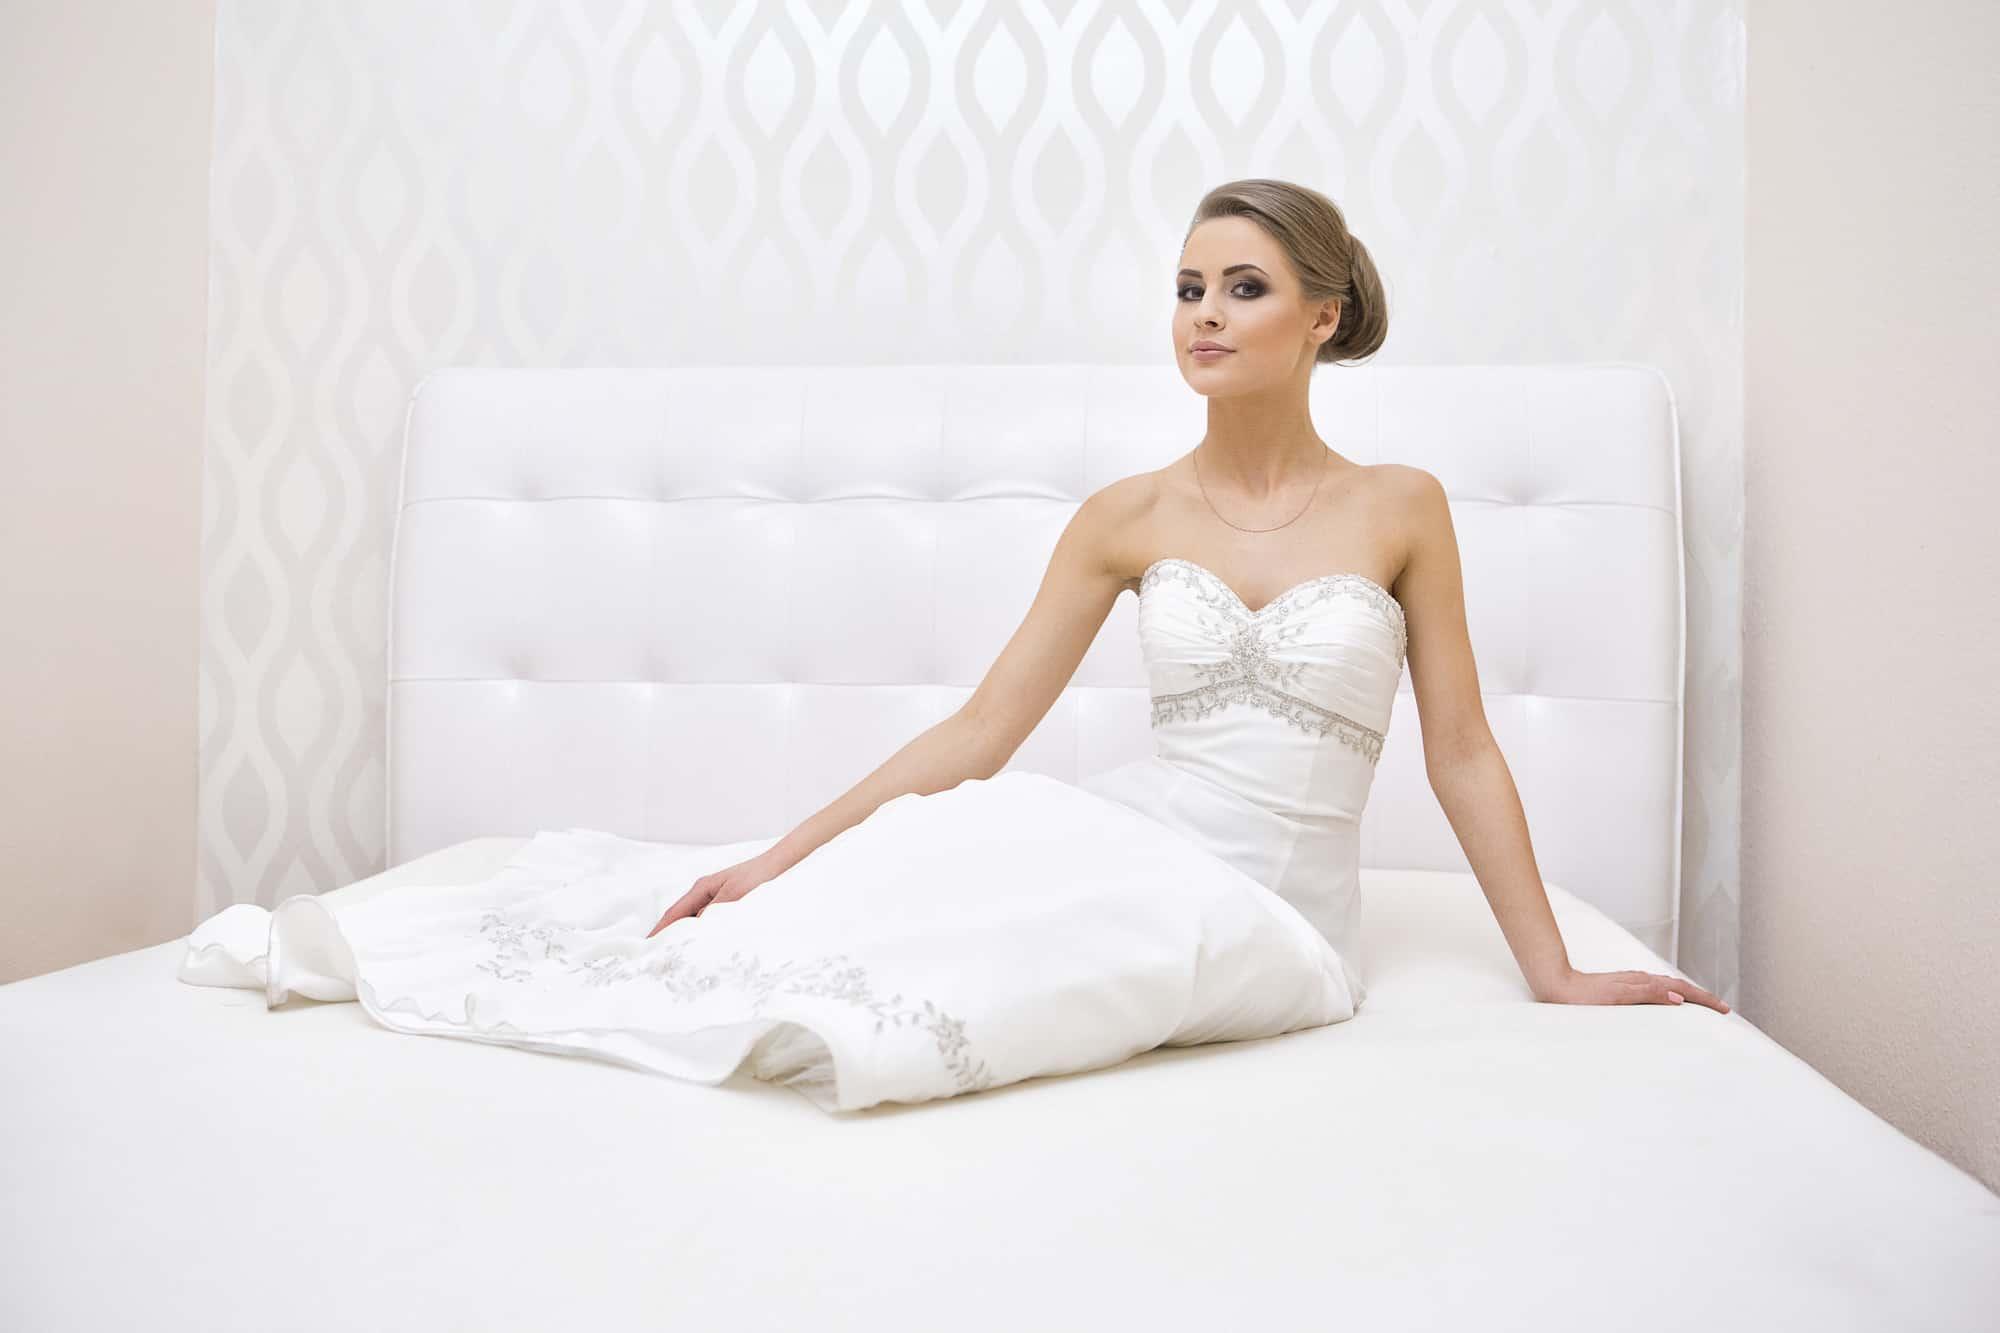 Panna Młoda Dominika na łóżku sypialnianym w klimatycznej sesji fotograficznej - Bydgoszcz.